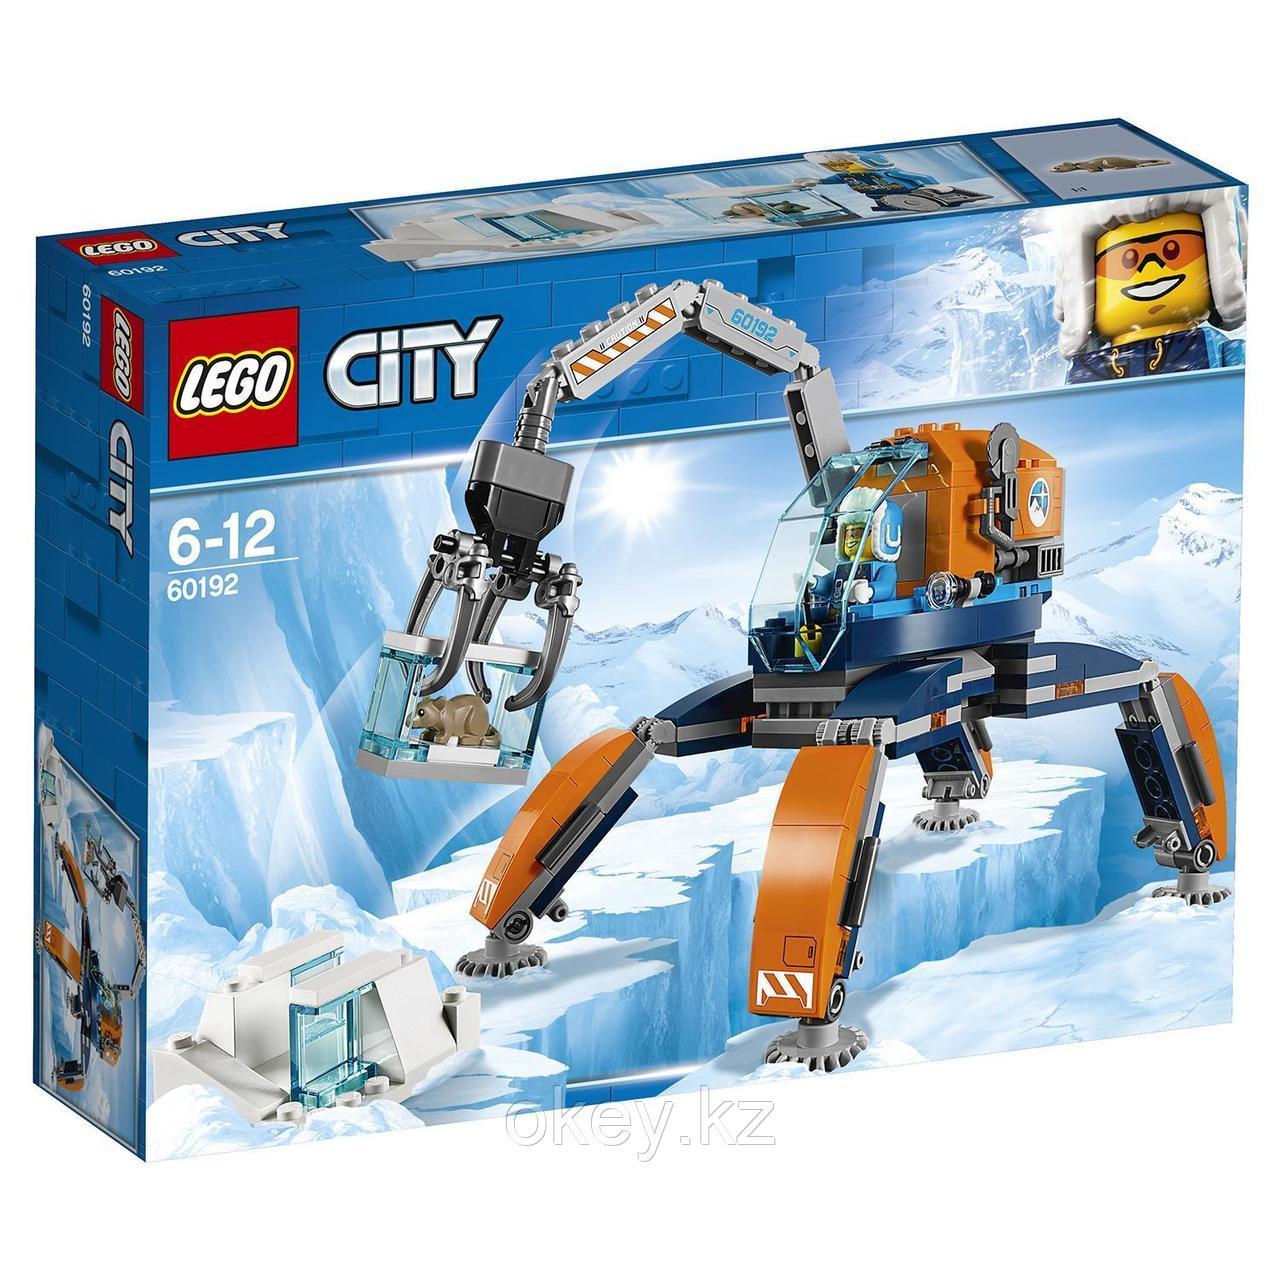 LEGO City: Арктическая экспедиция: Арктический вездеход 60192